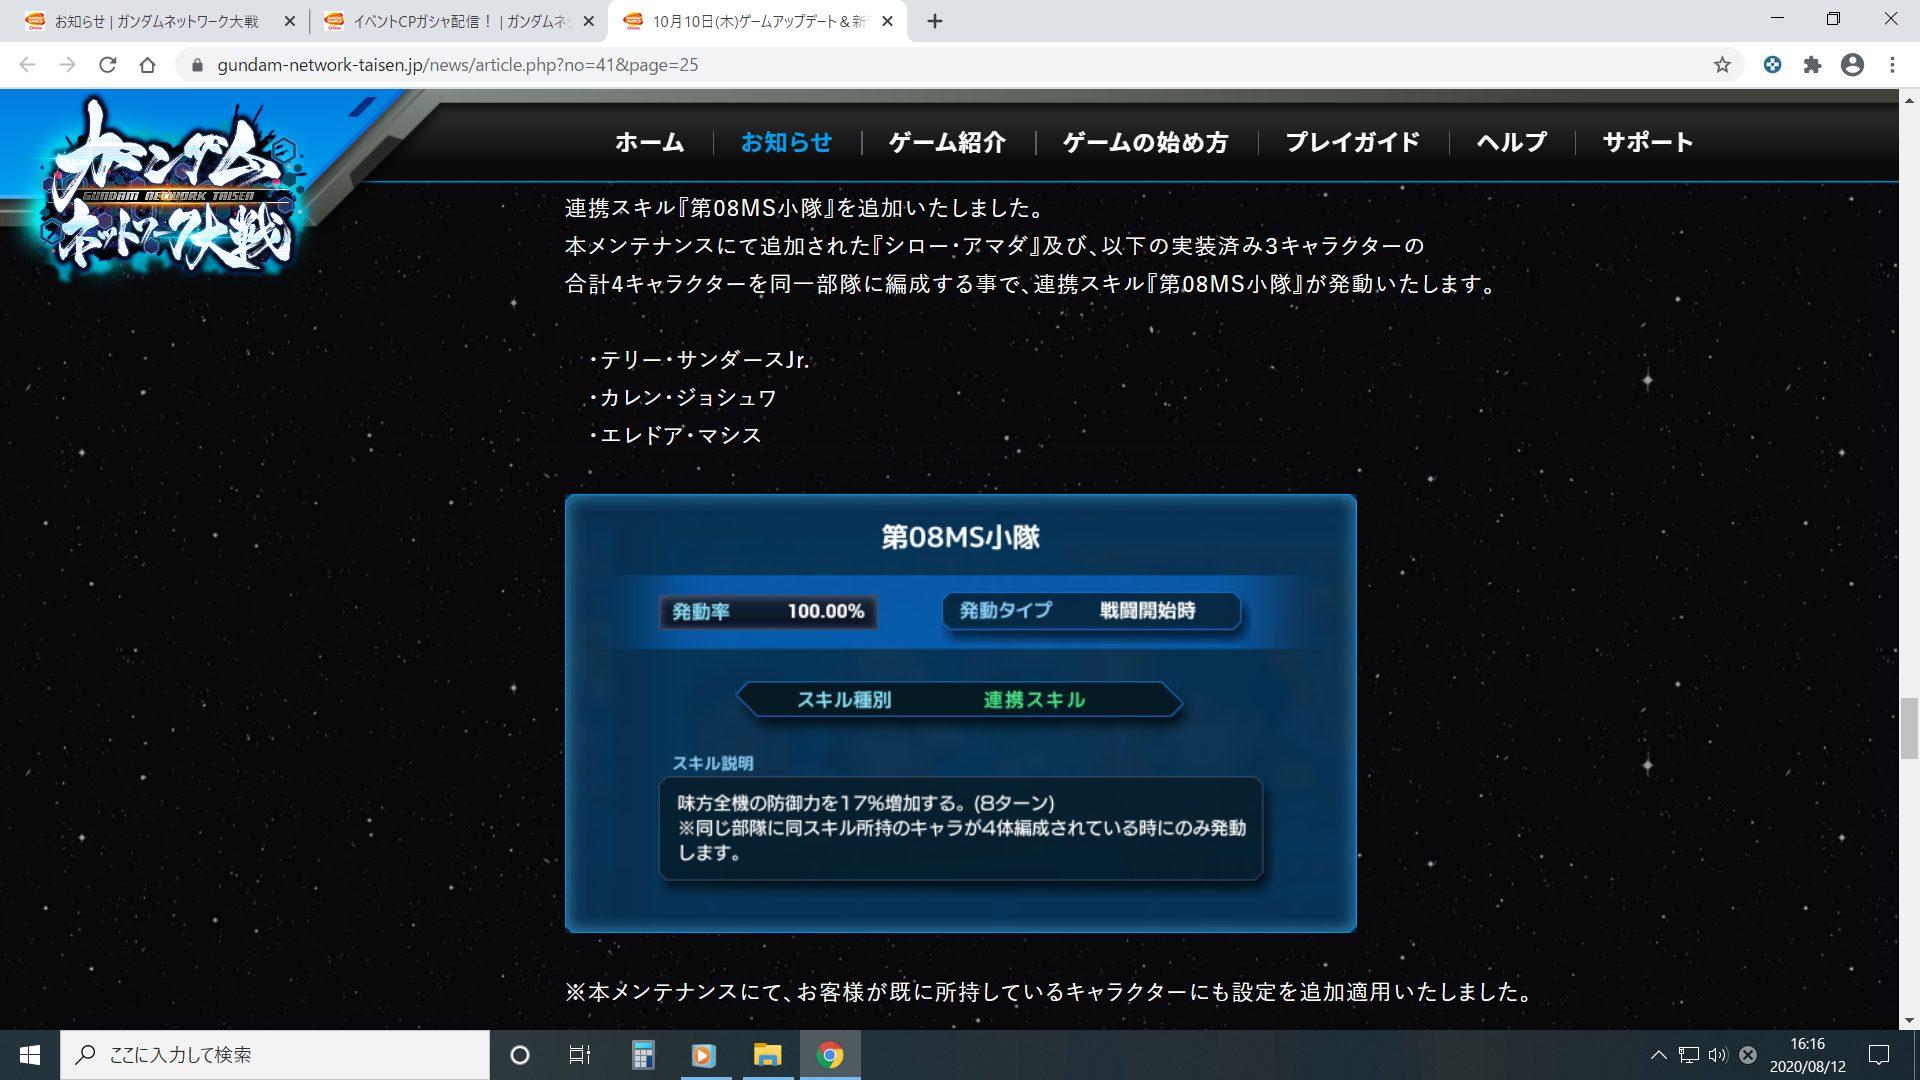 ブログ ガンダム ネットワーク 大戦